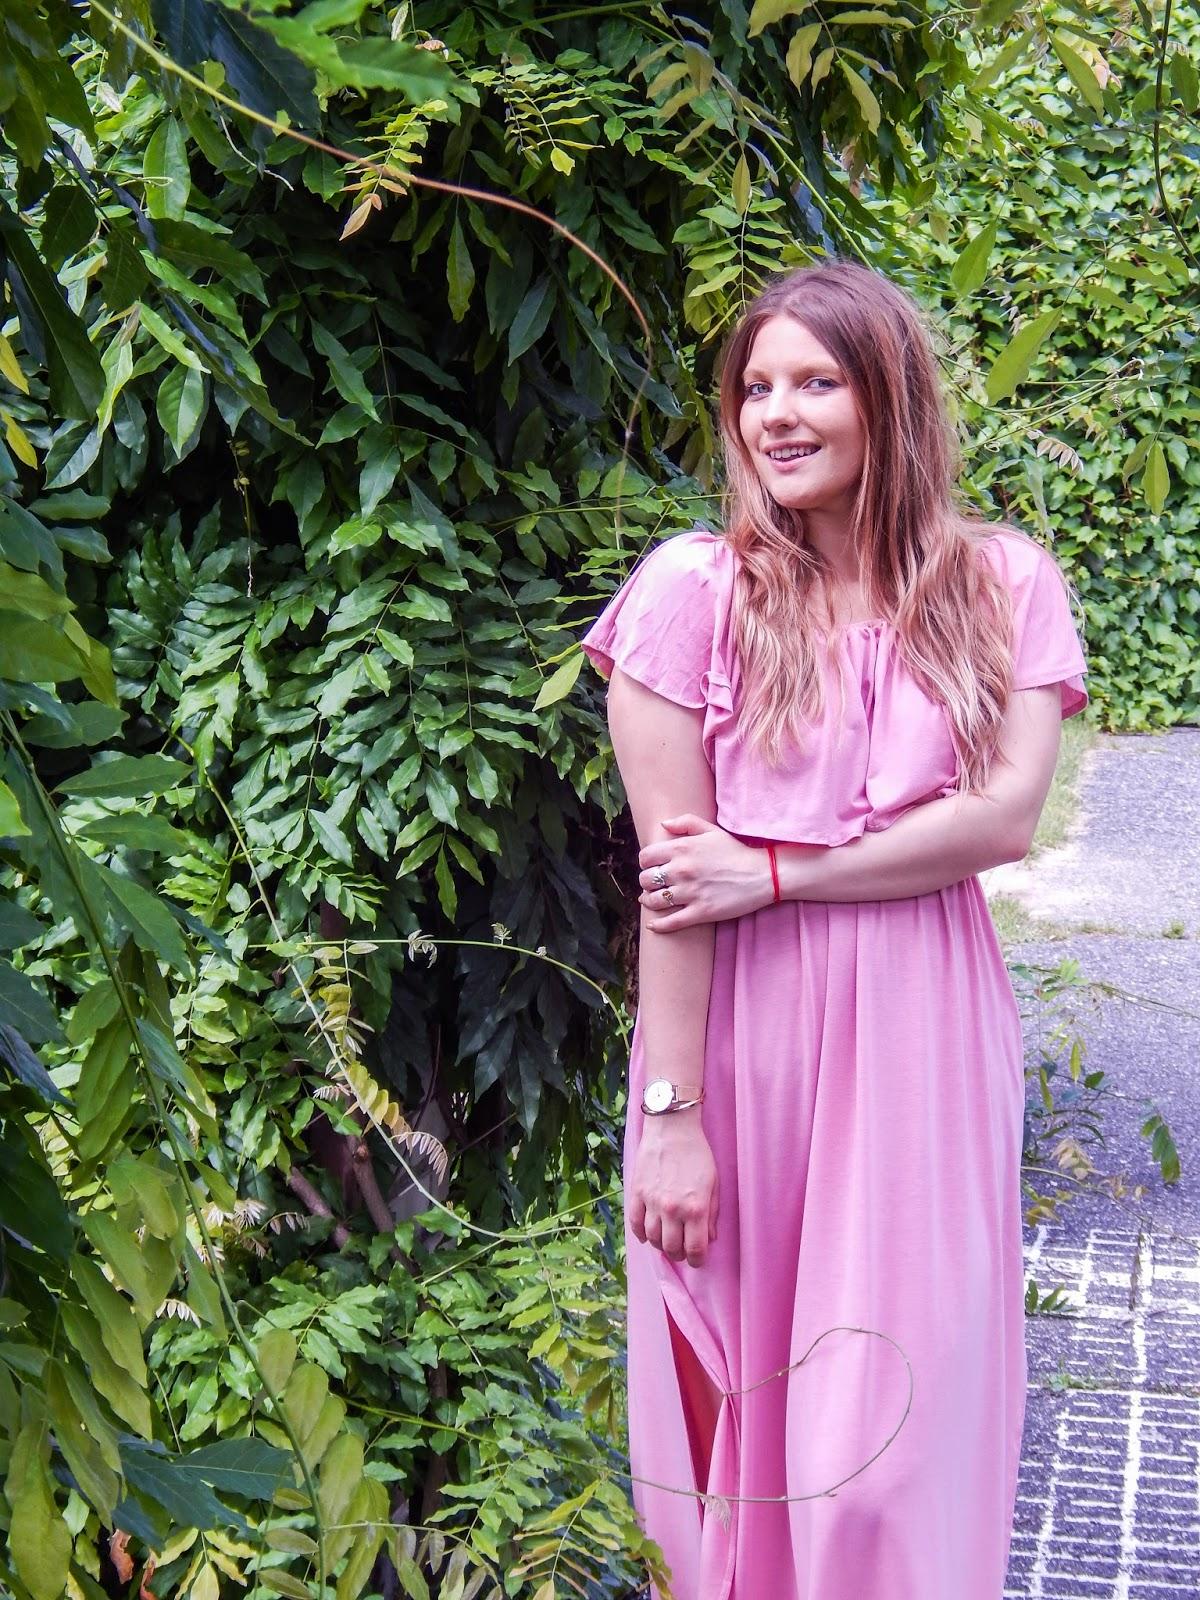 17 długa sukienka maxi hiszpanka wakacyjna stylizacja sandały z pomponami kolorowymi beżowa torba kolorowe buty na lato dziewczęce stylizacje